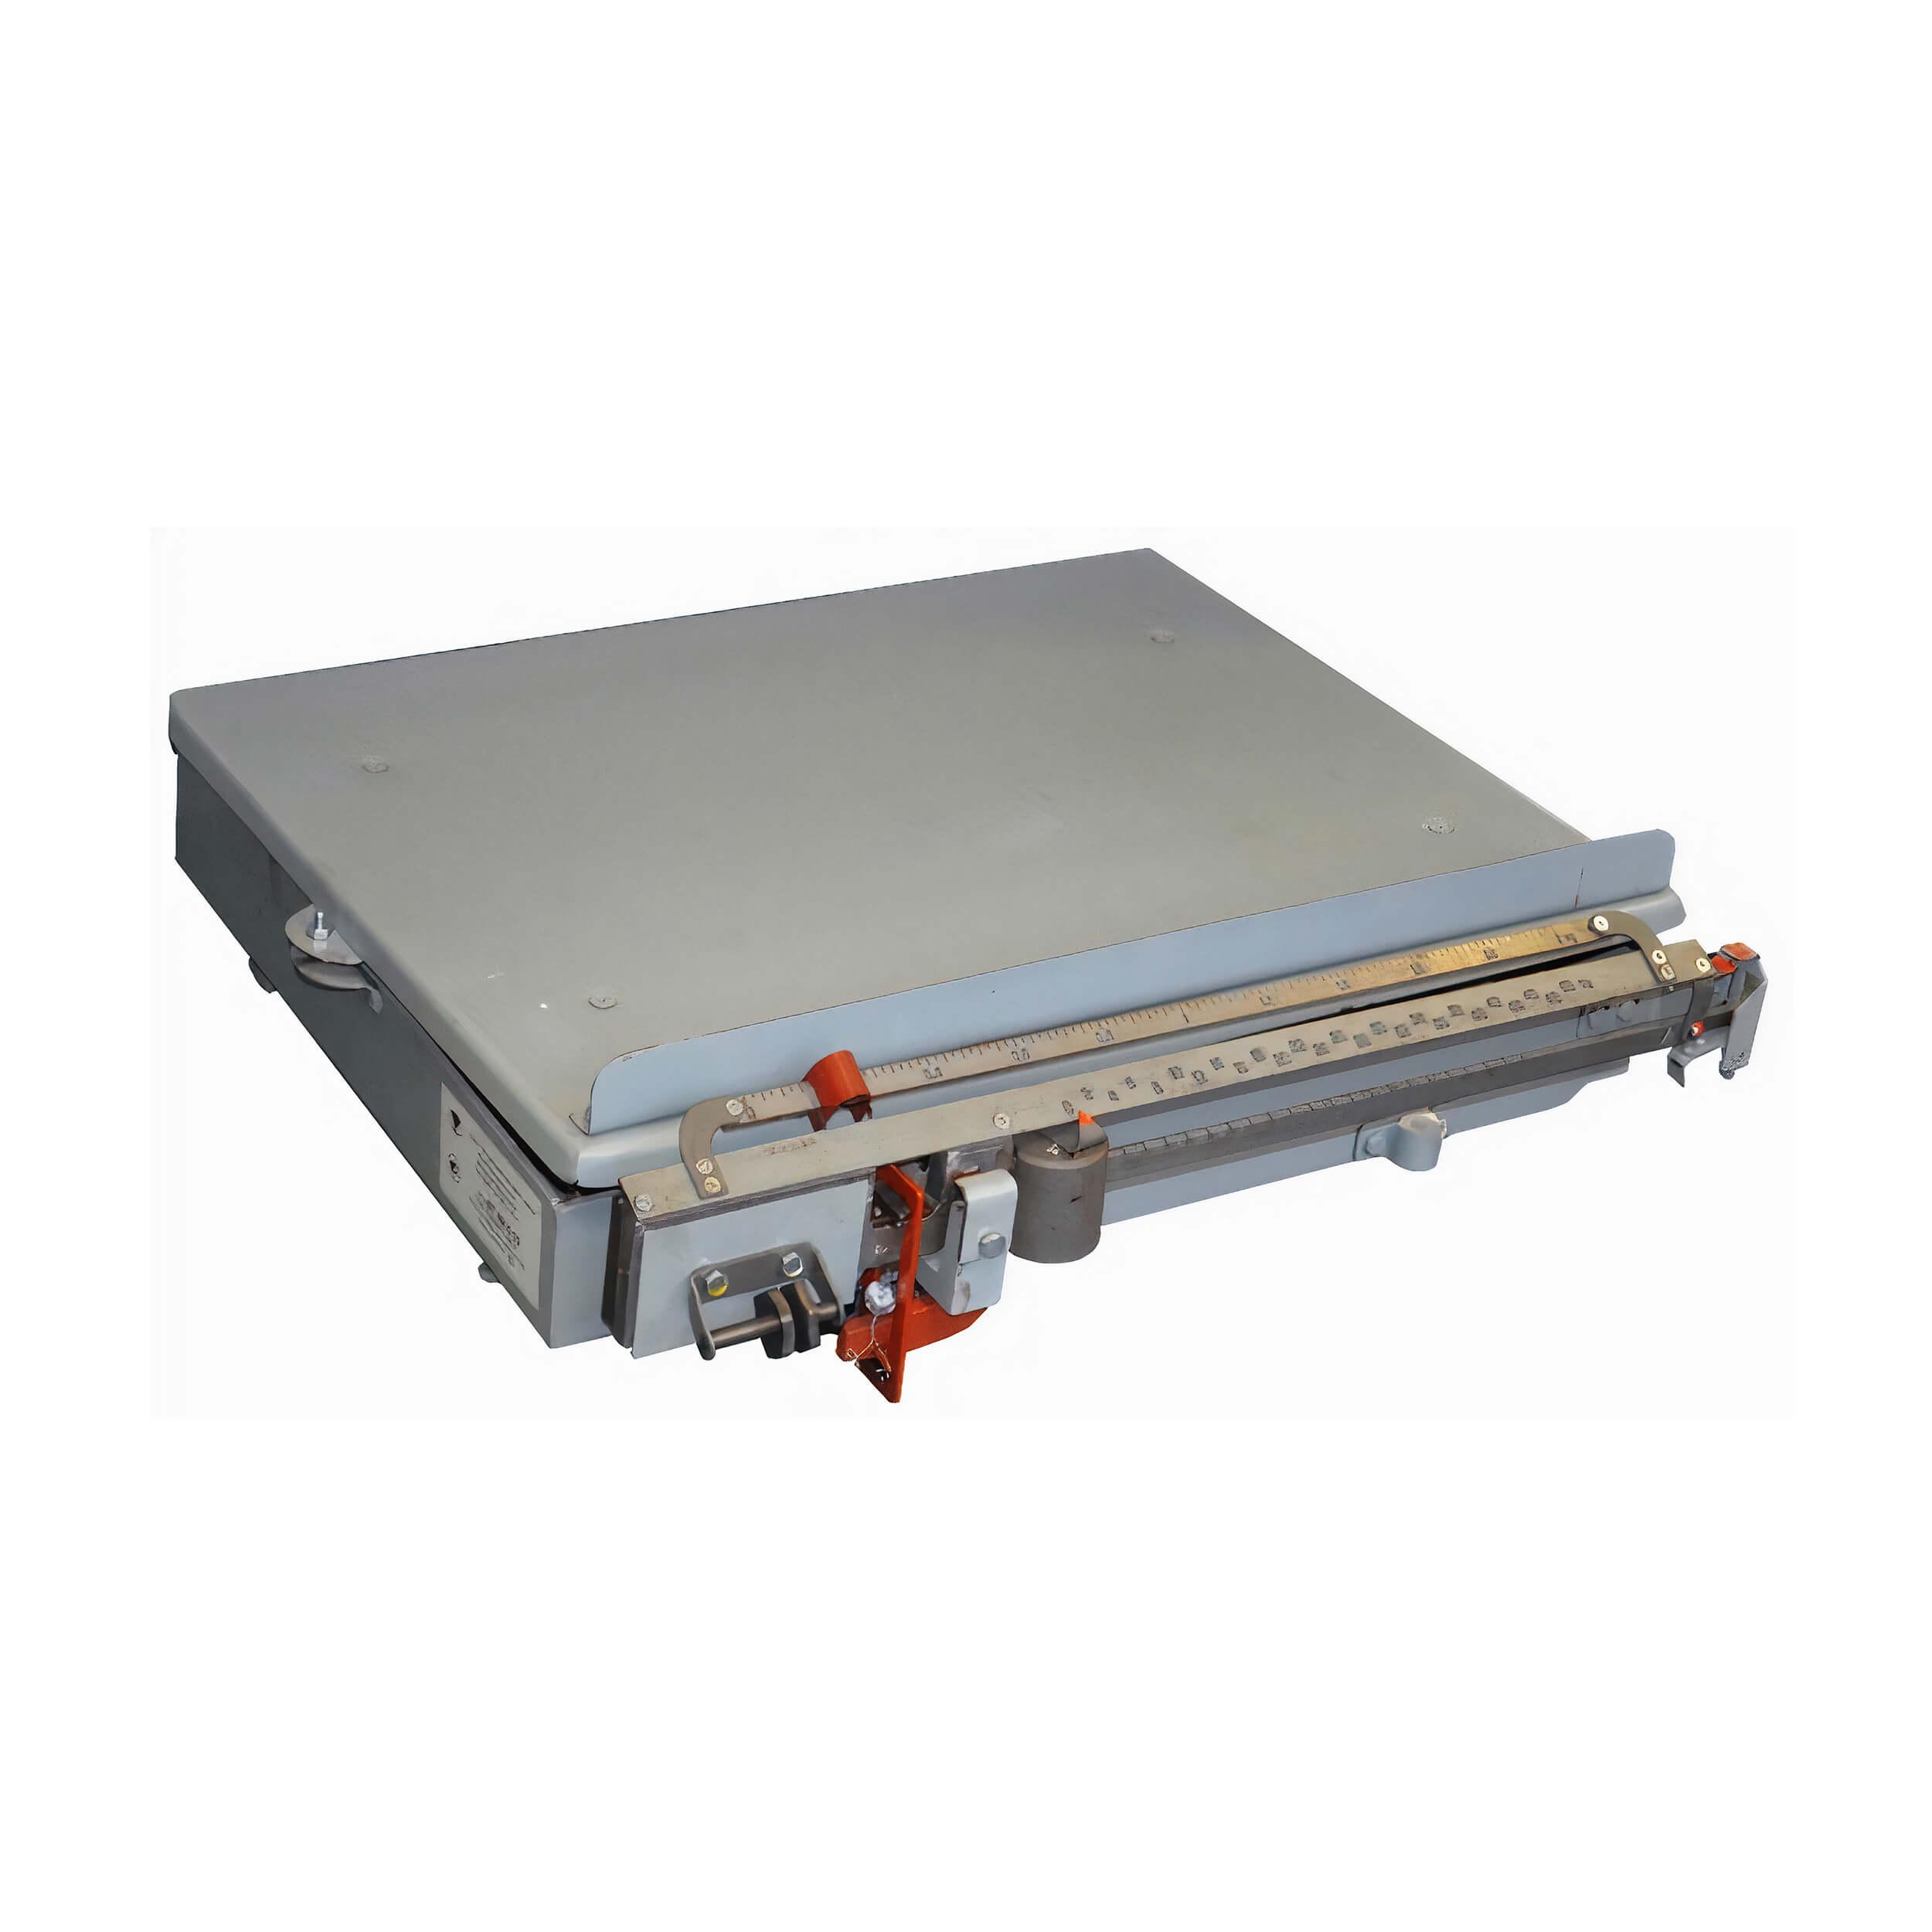 Весы контрольные для улья (до 200 кг, платформа 610х620 мм) фото